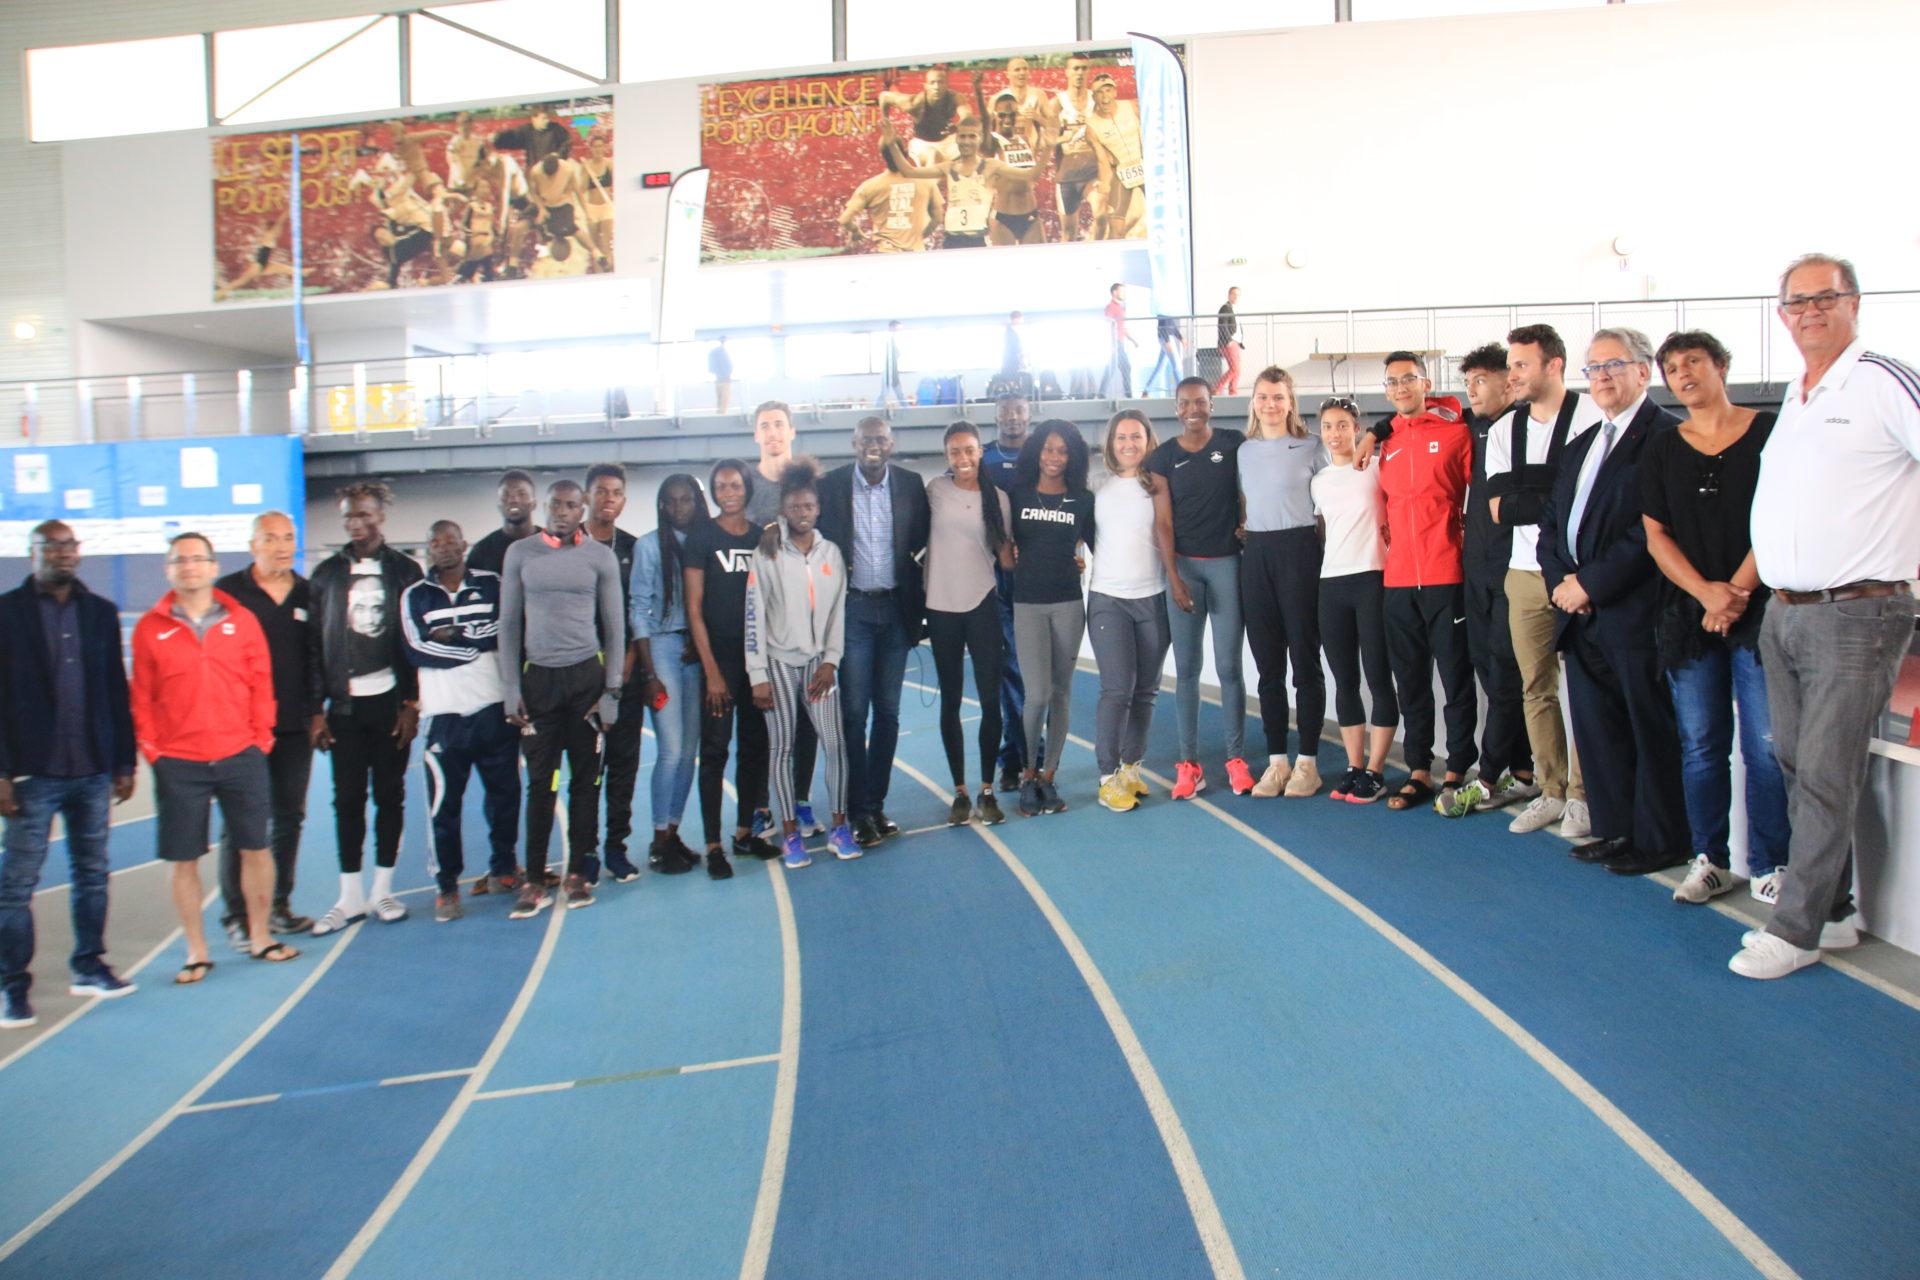 Athlétisme : ces champions canadiens et africains qui ont choisi Val-de-Reuil